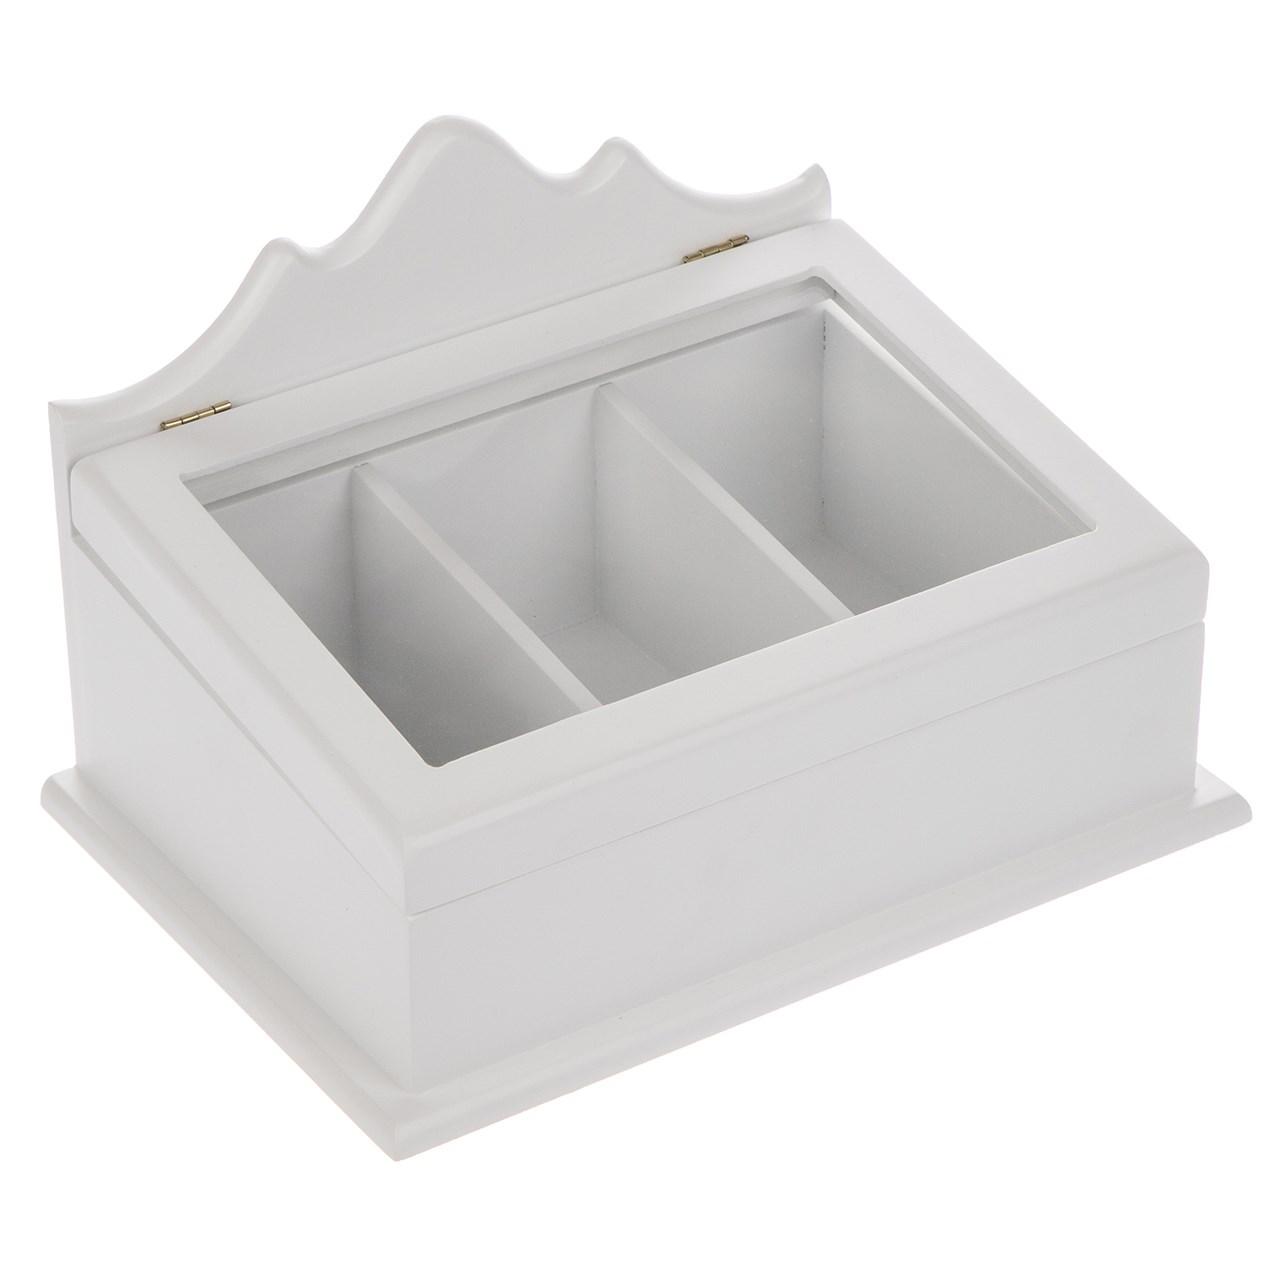 جعبه پذیرایی آزین چوب کد 701